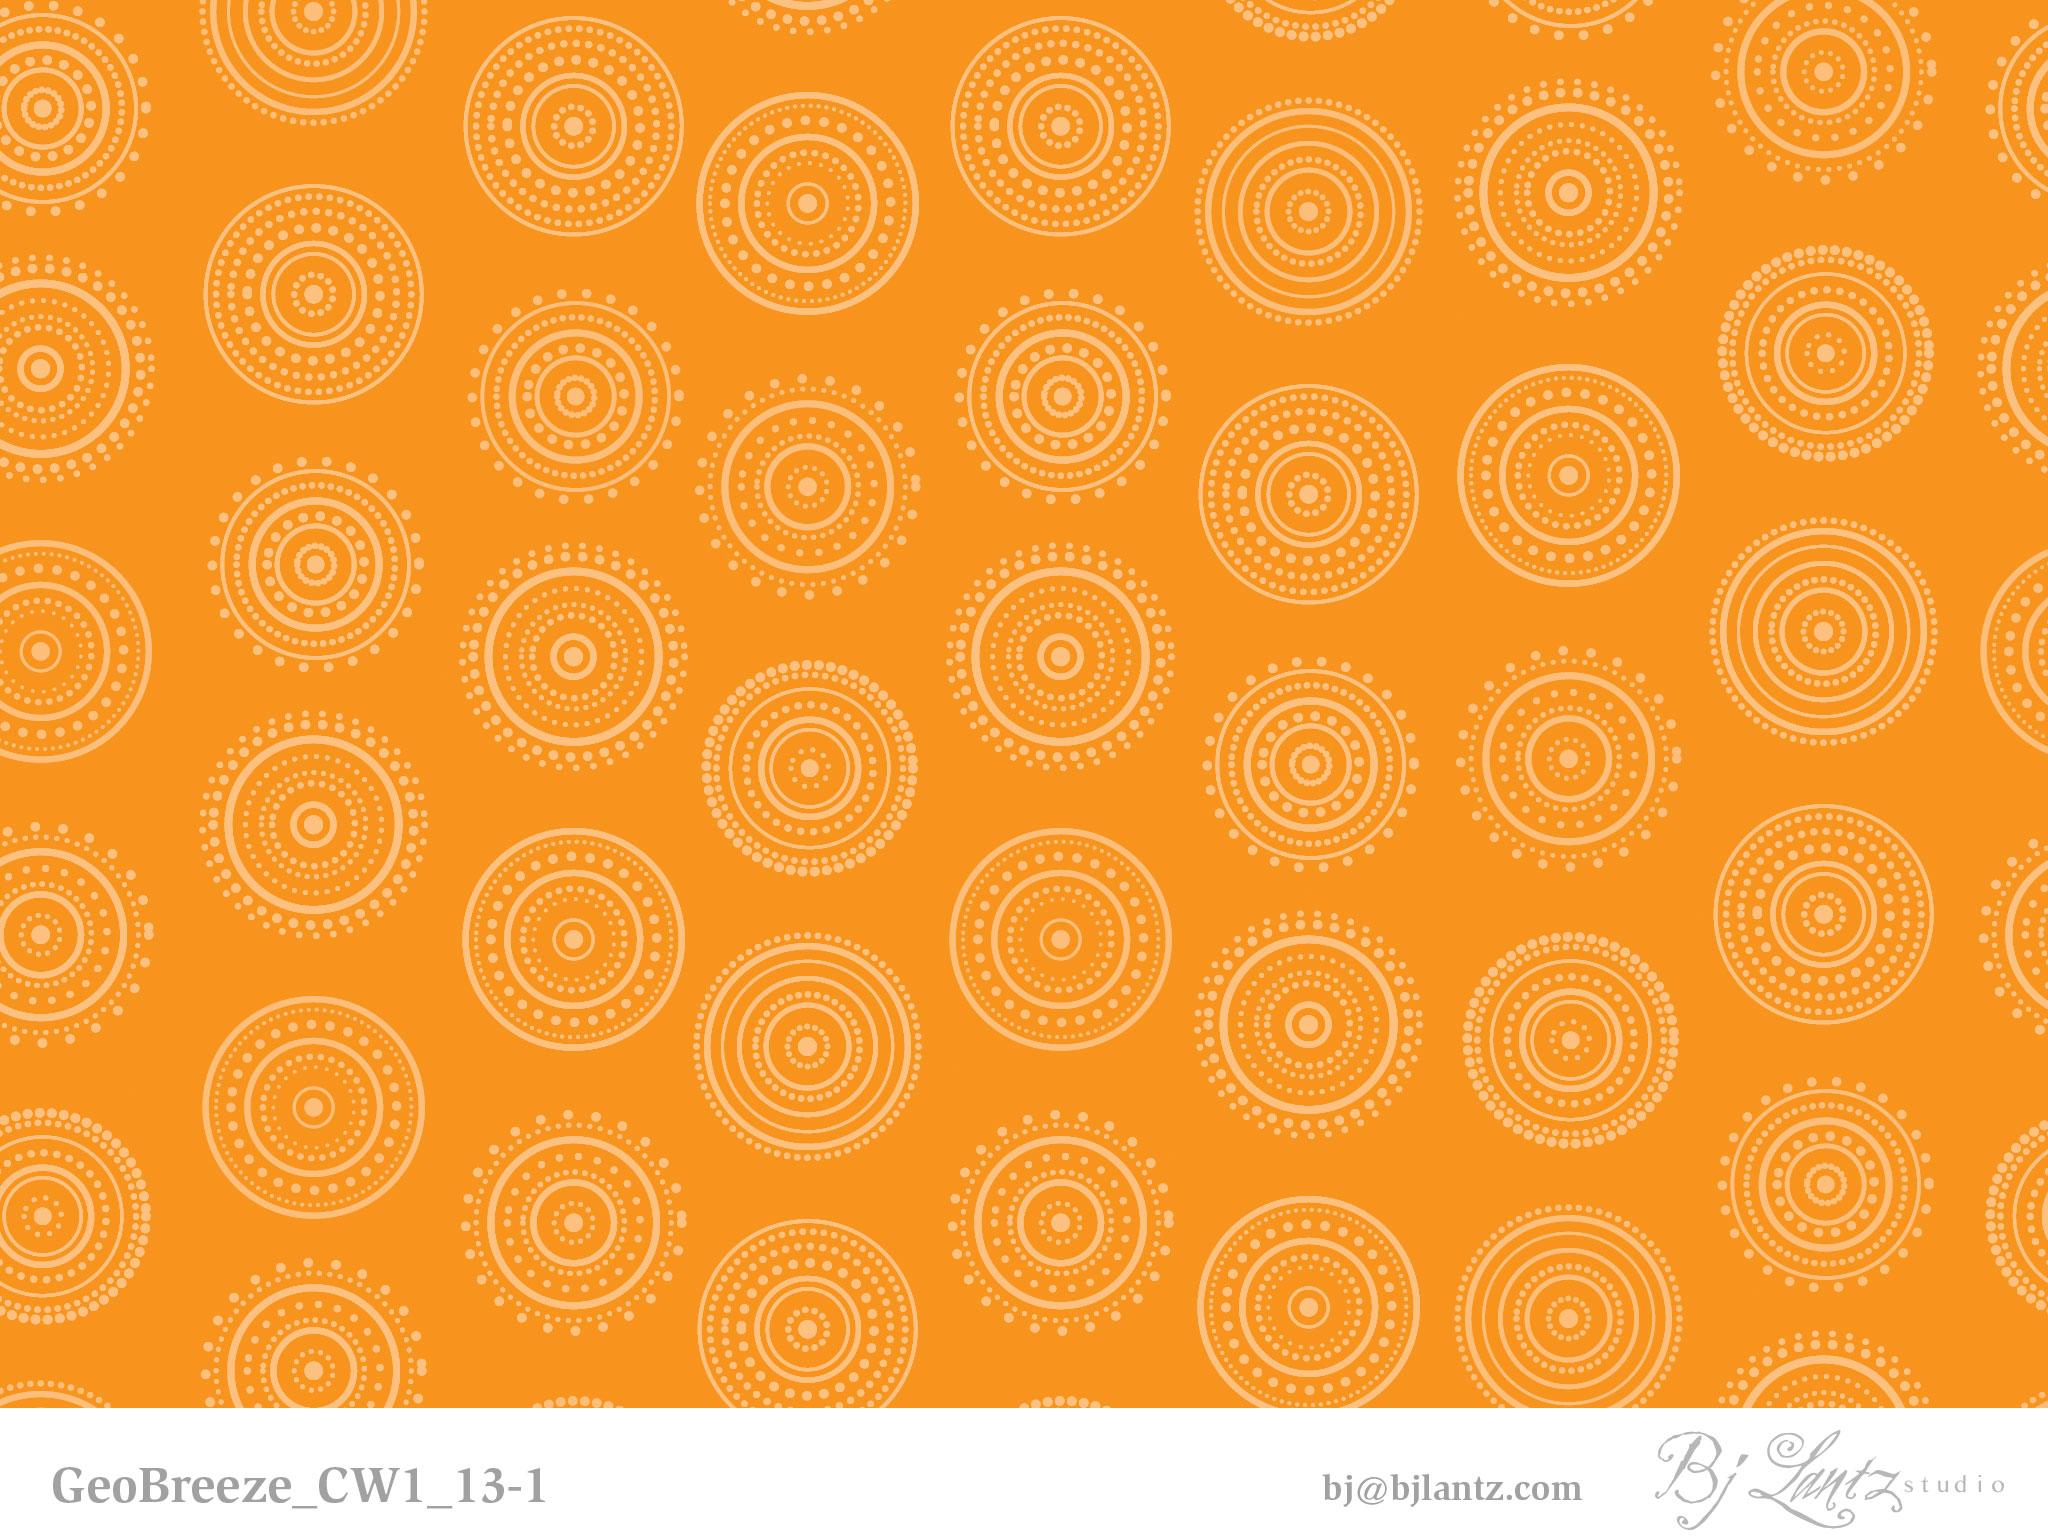 GeoBreeze_BJ-Lantz_CW1-13-1.jpg